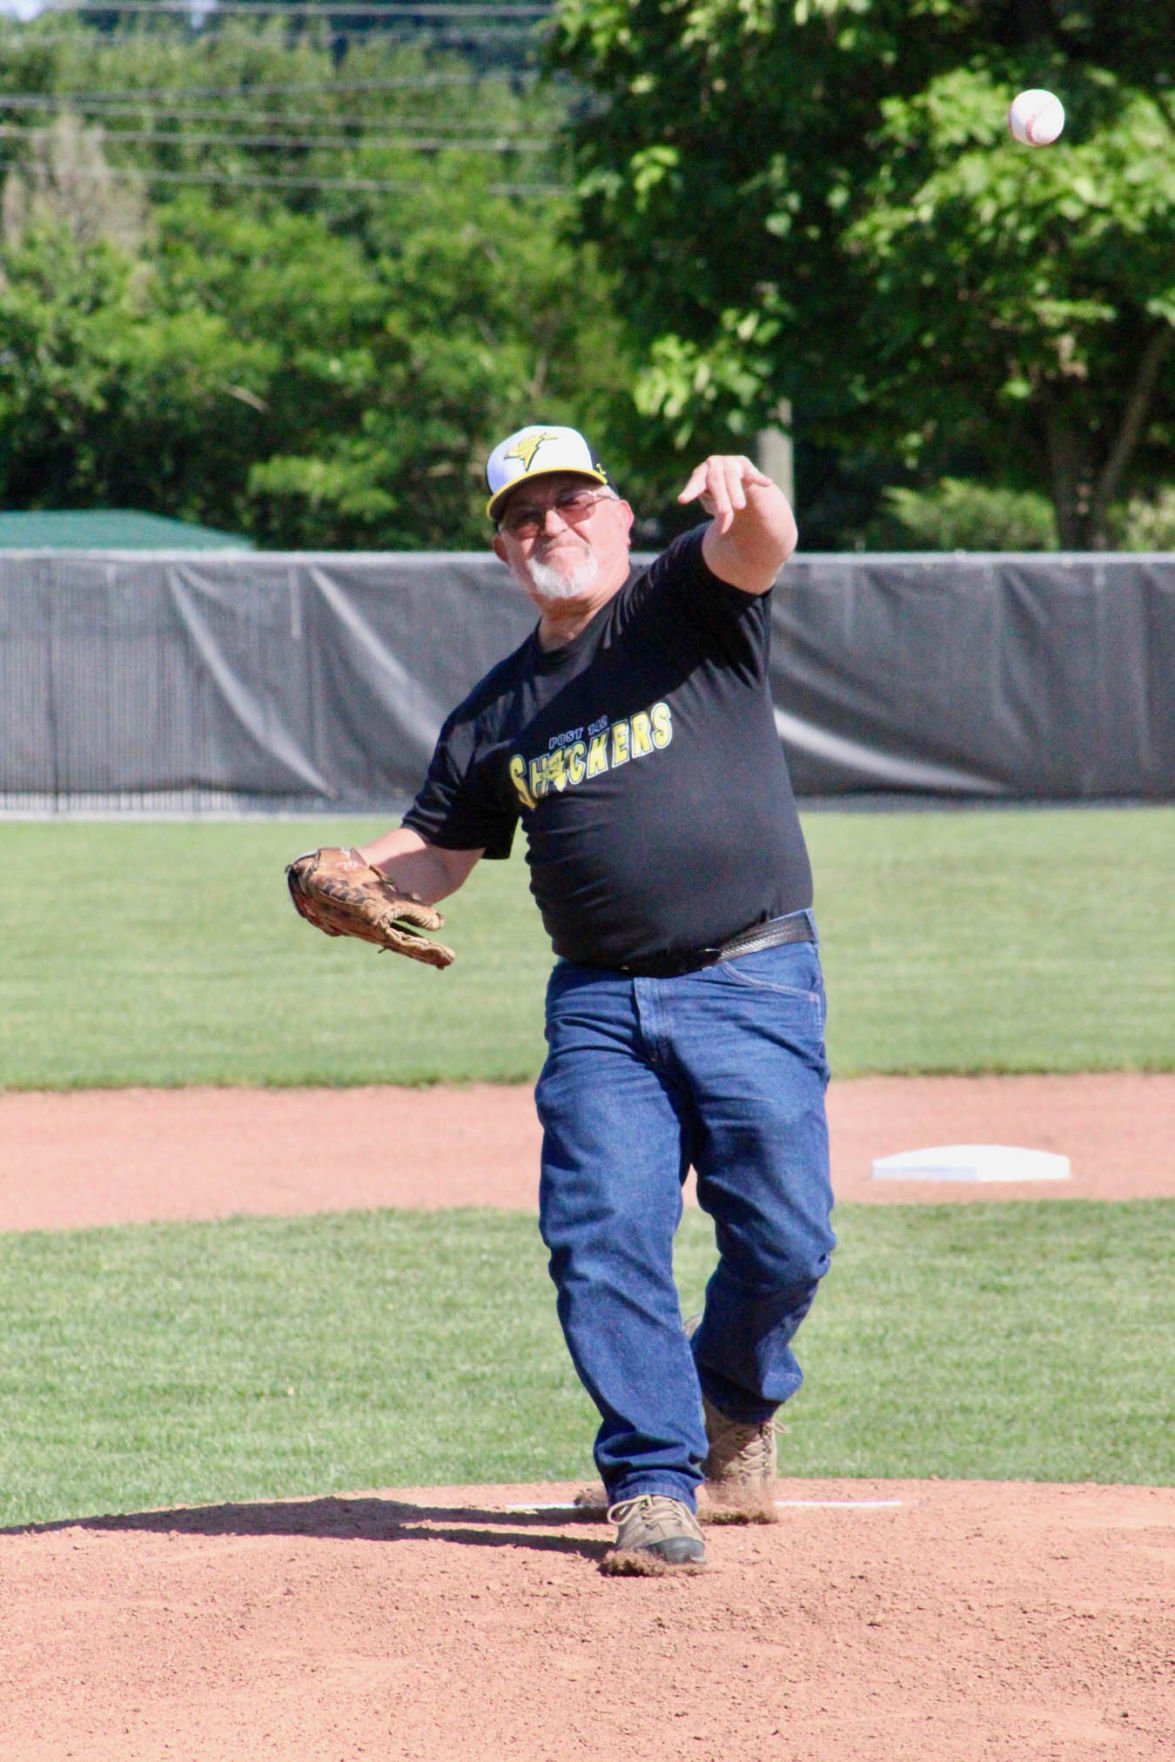 Dixon 1st pitch